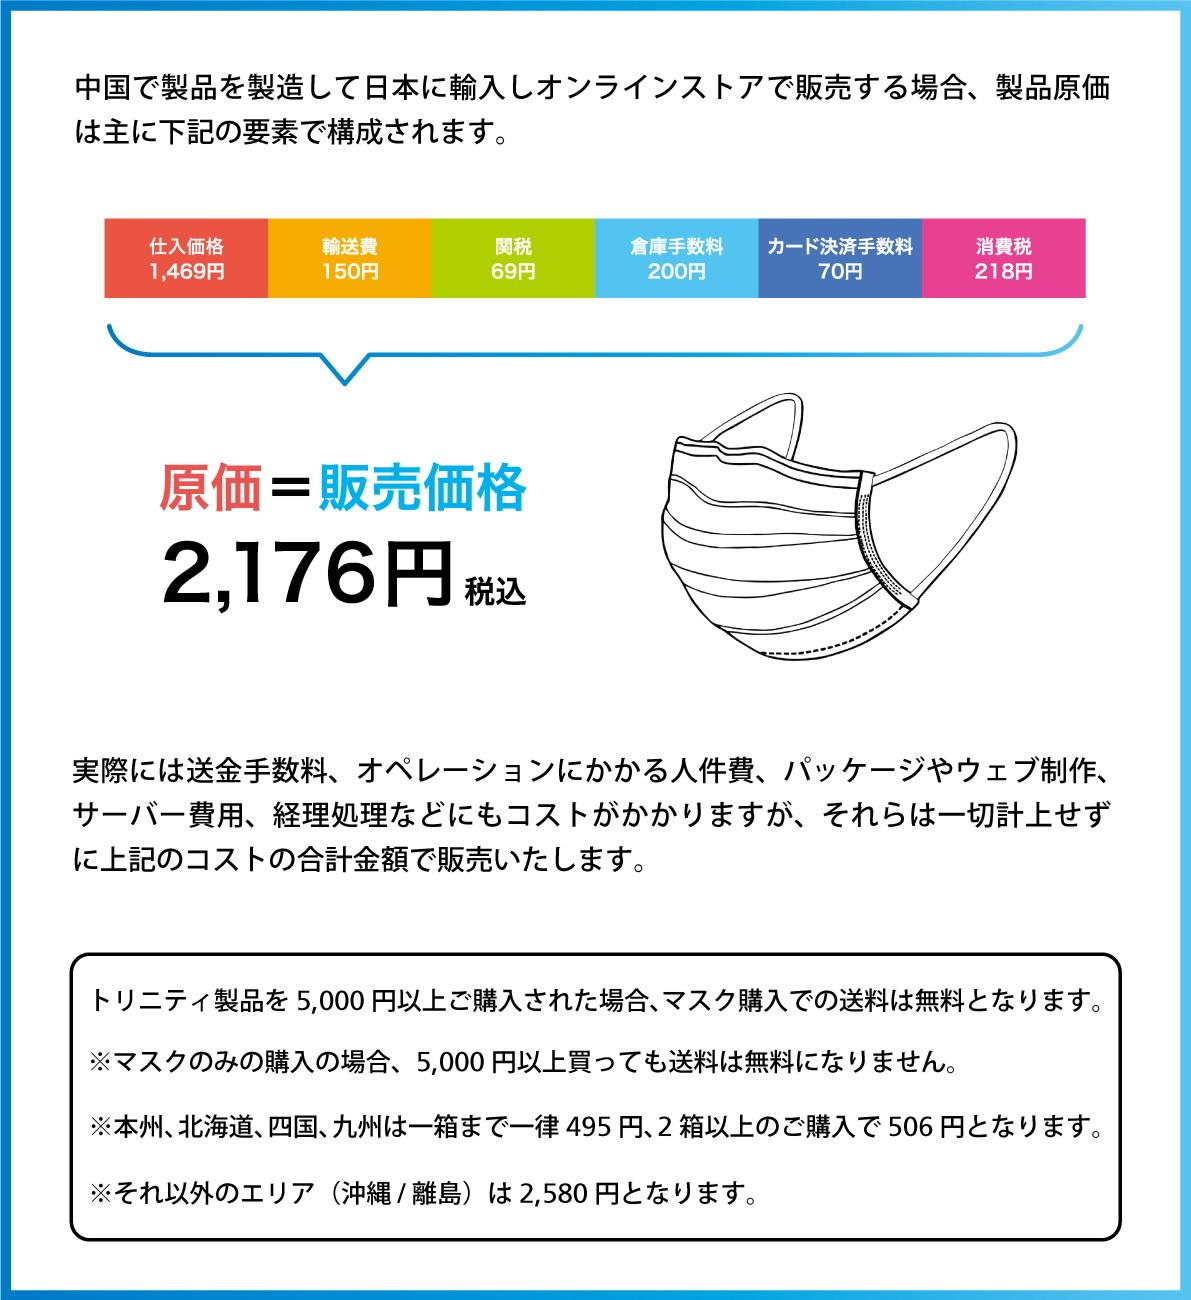 マスクの販売価格の構成